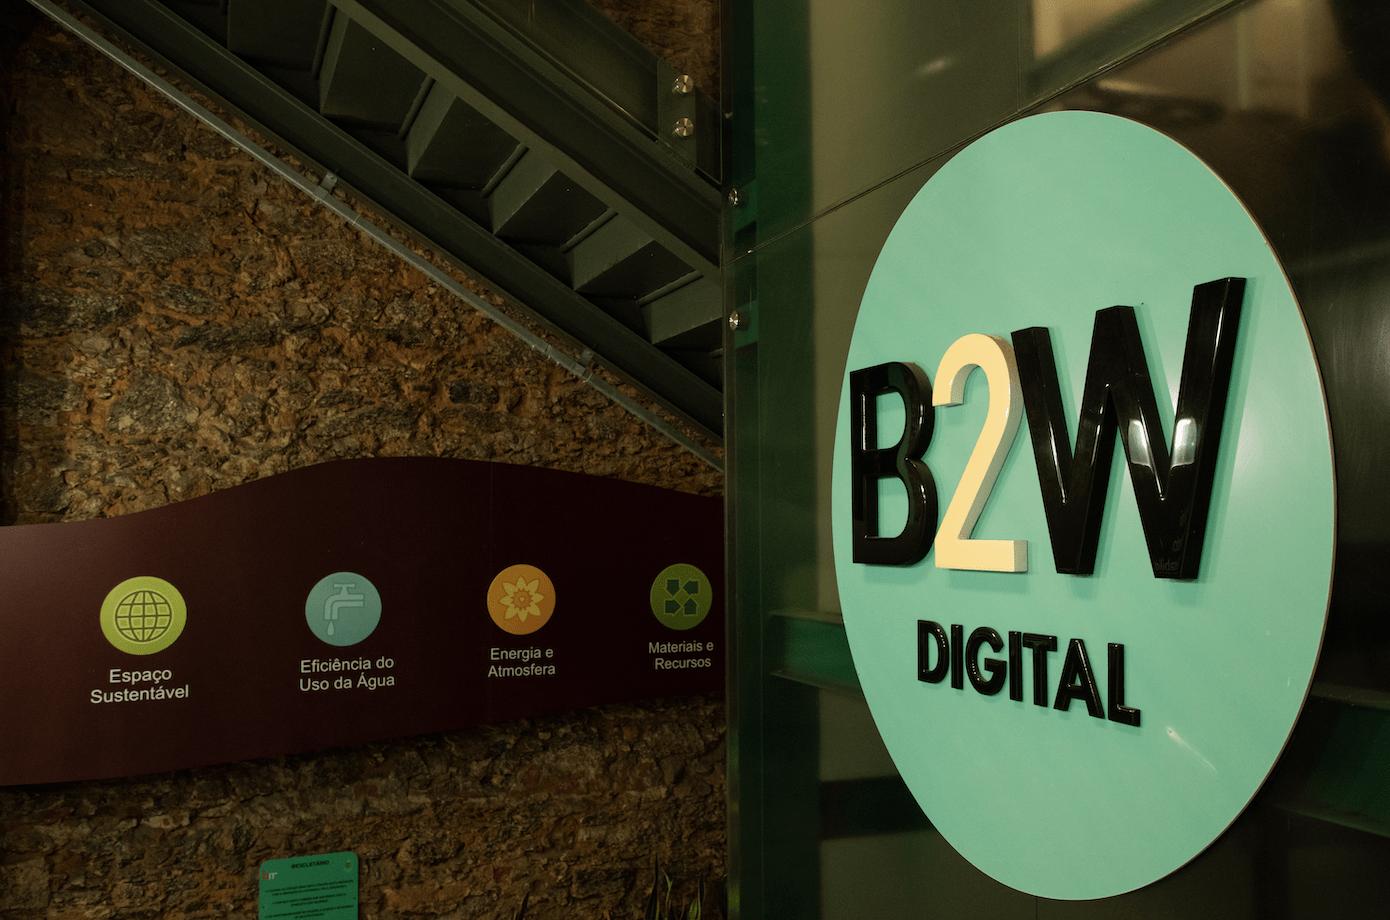 B2W Digital abre inscrições para programa de estágio remoto em tecnologia